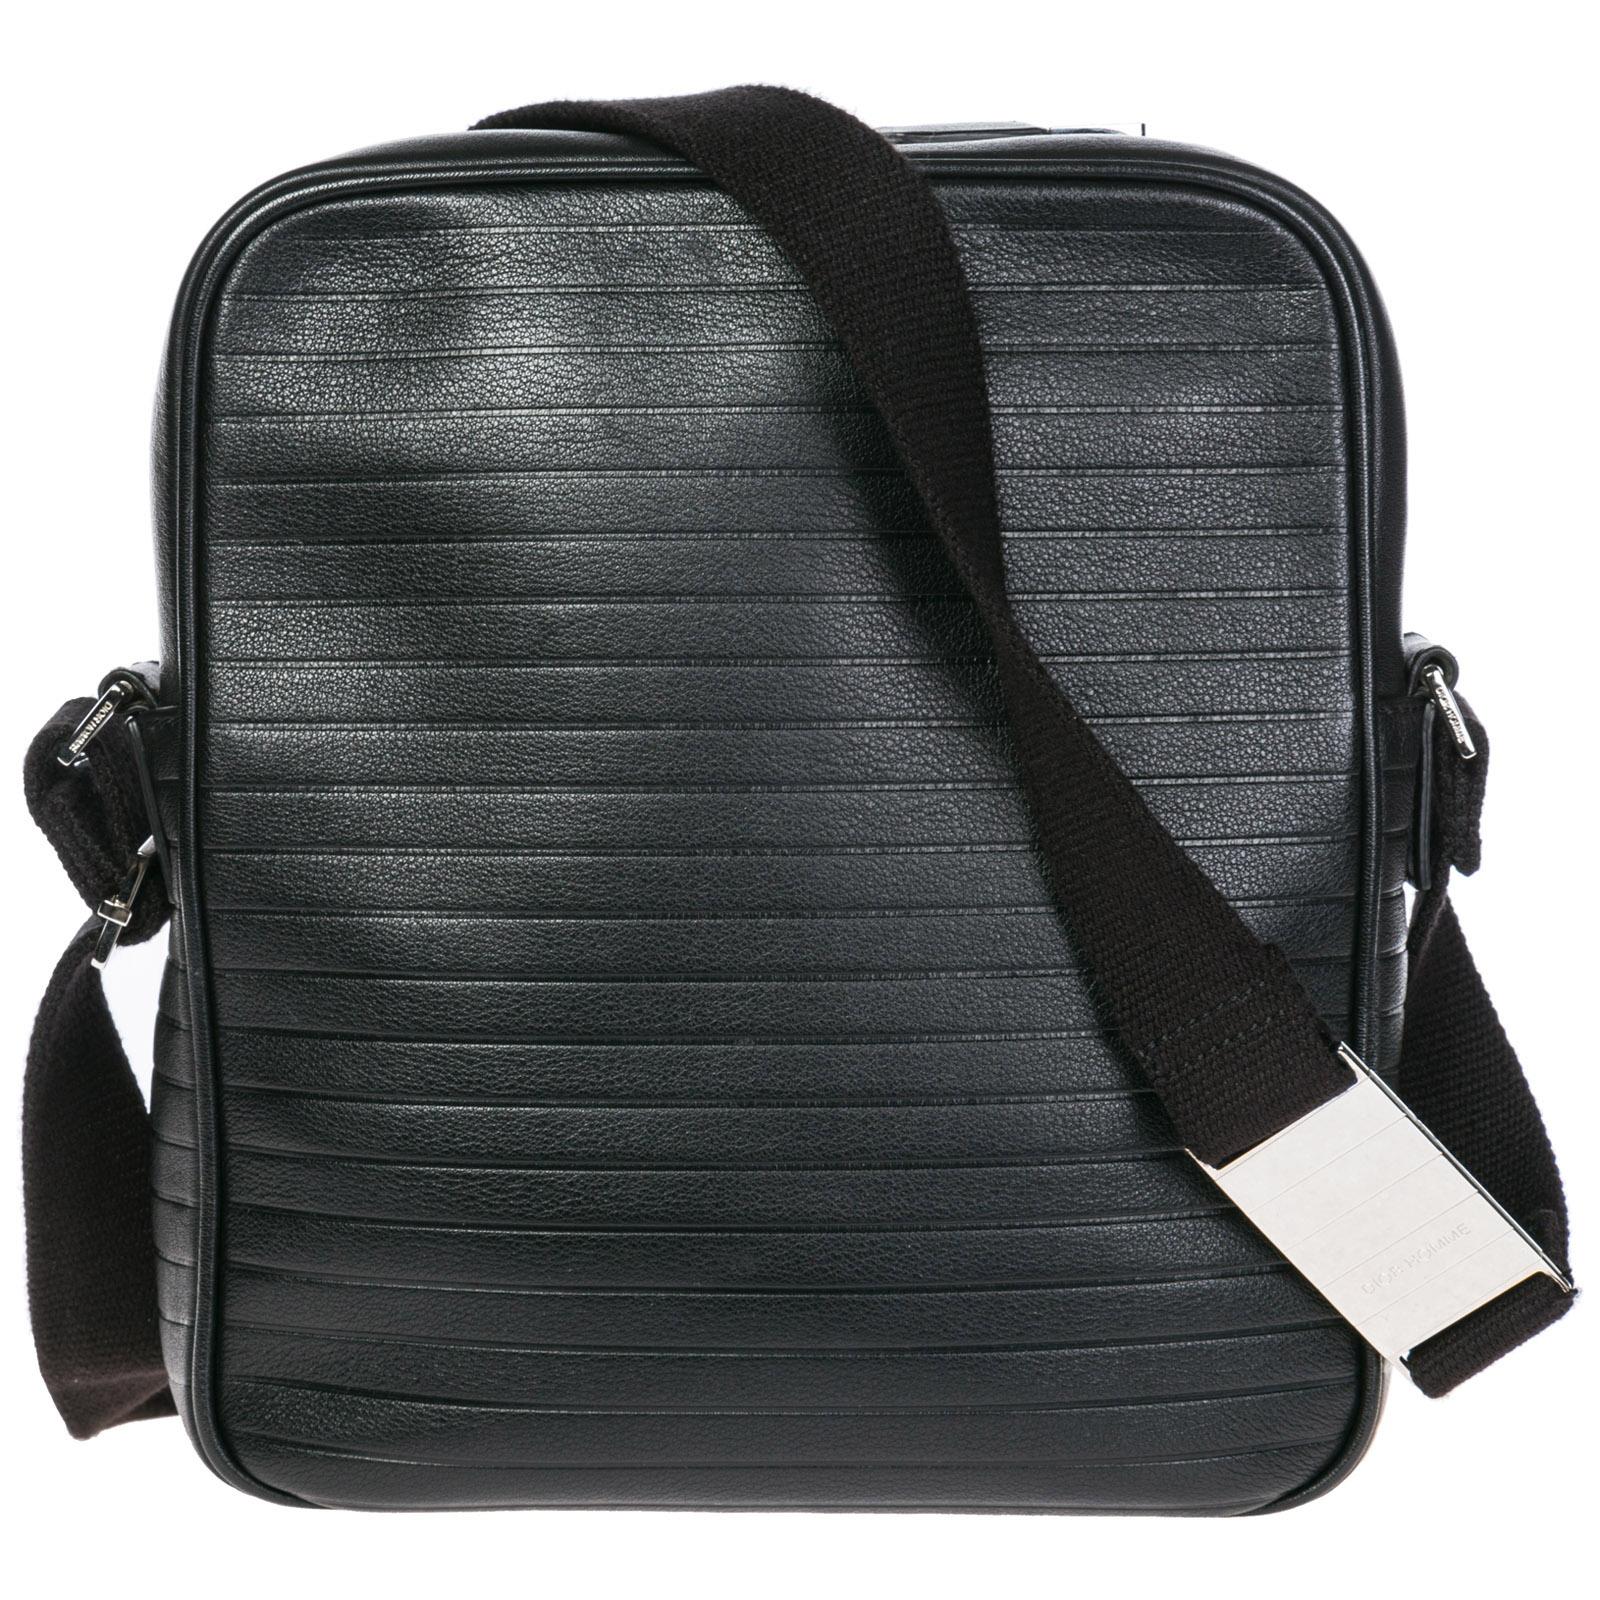 ... bag Men s leather cross-body messenger shoulder ... 57748756f2ac9